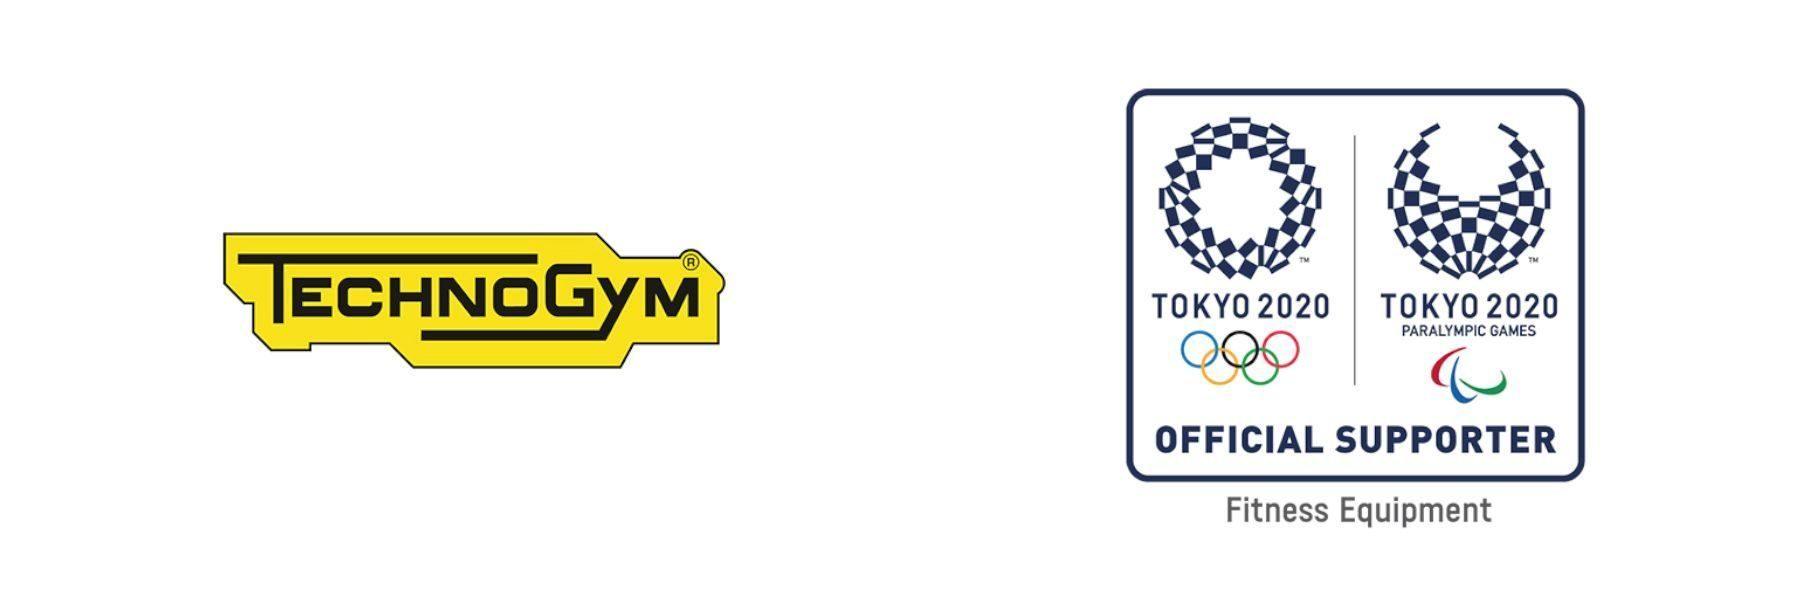 Technogym valittu Tokion kesäolympialaisten viralliseksi laitetoimittajaksi